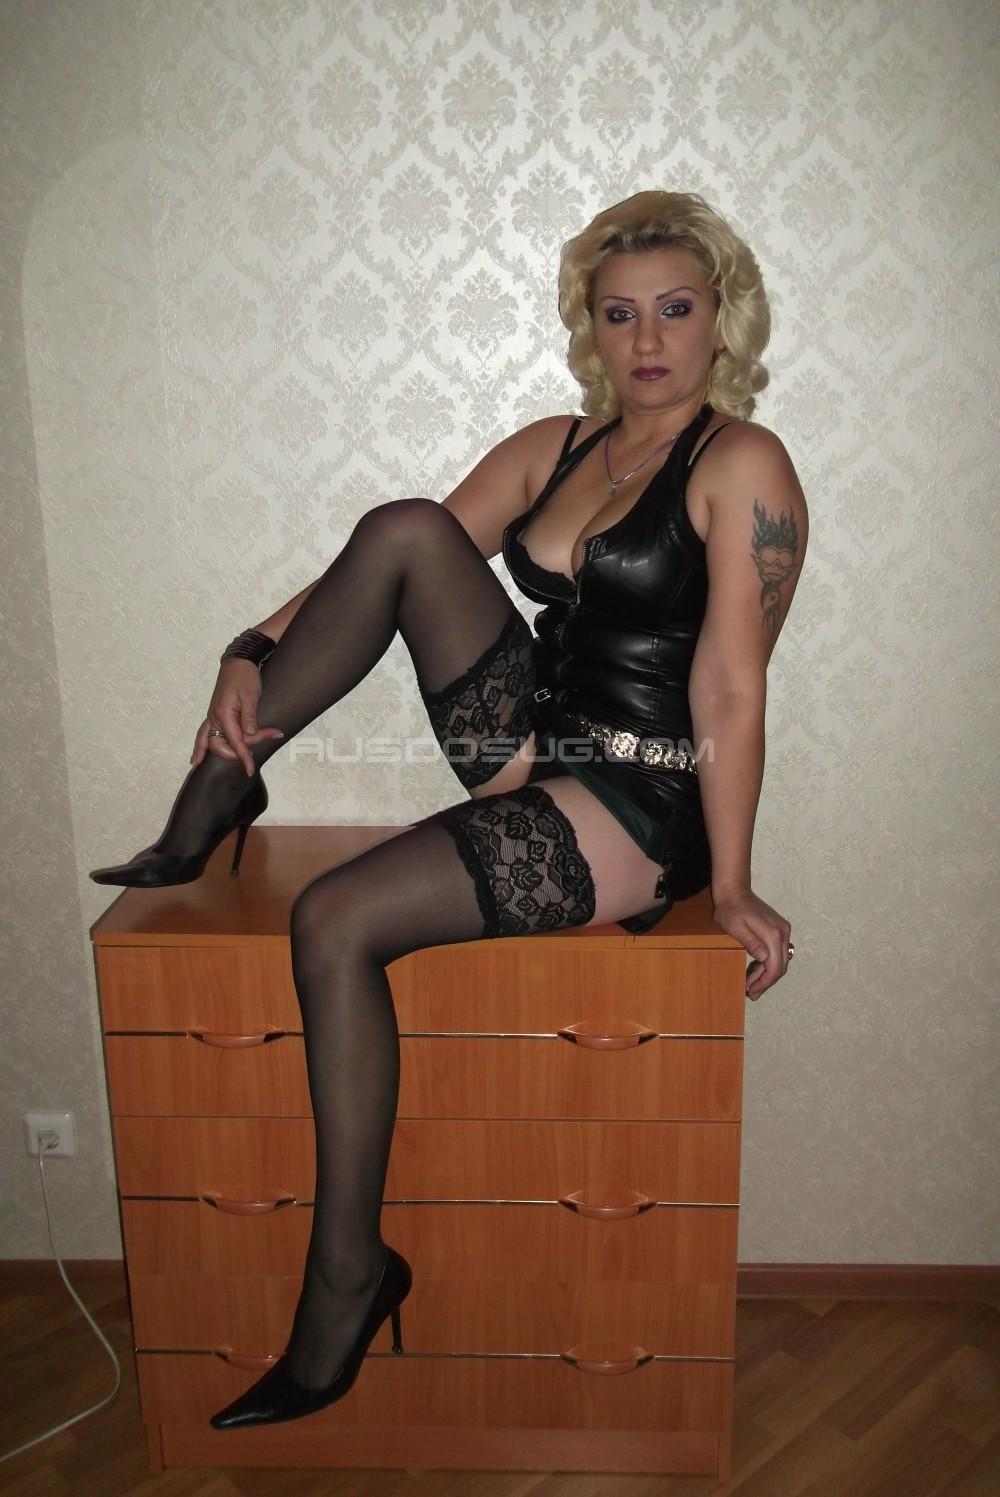 Проститутка госпожа в спб фото 670-214